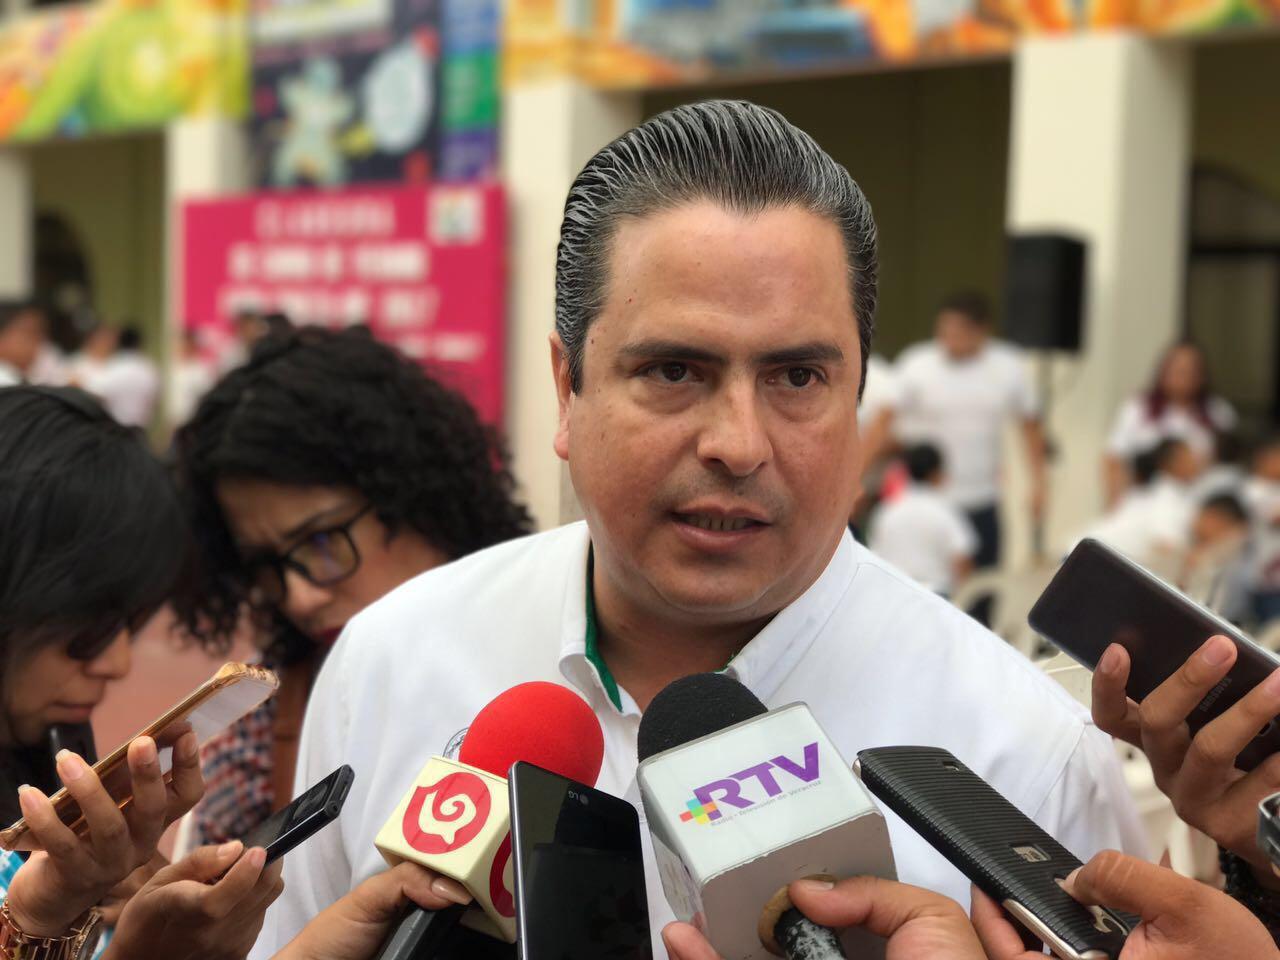 Afirma alcalde de Coatzacoalcos que entregará finanzas sanas a la nueva administración